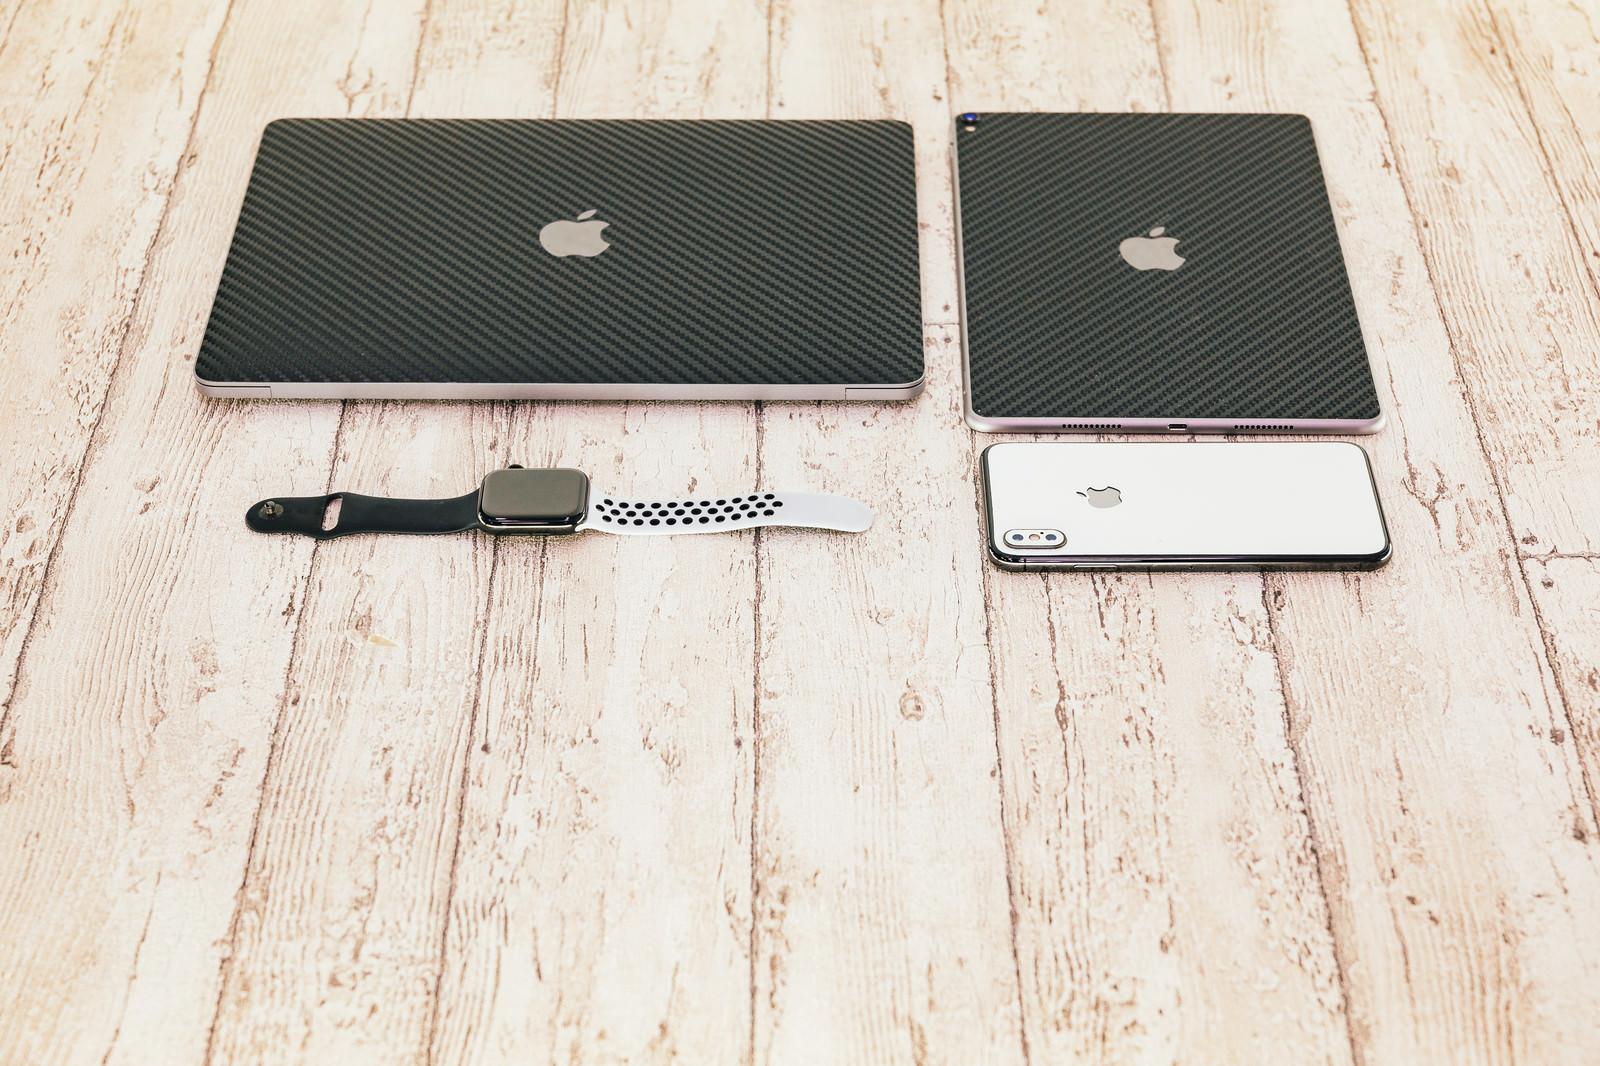 「iPhone などのApple製品」の写真